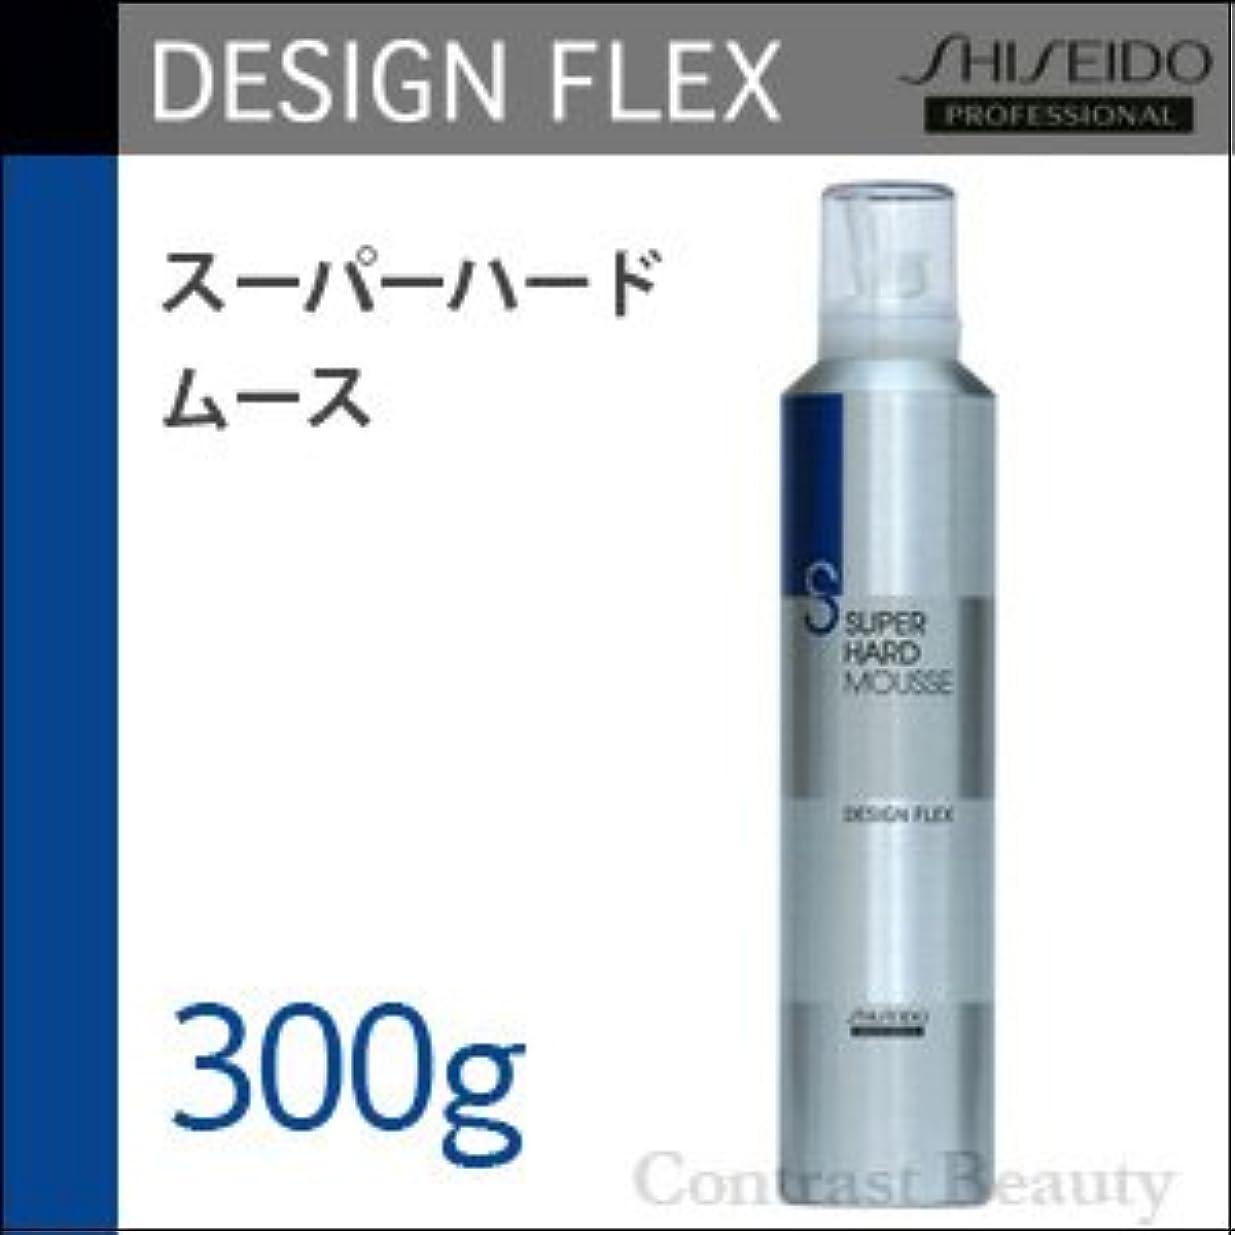 あいまいさ貧困書き込み資生堂プロフェッショナル デザインフレックス スーパーハードムース 300g shiseido PROFESSIONAL